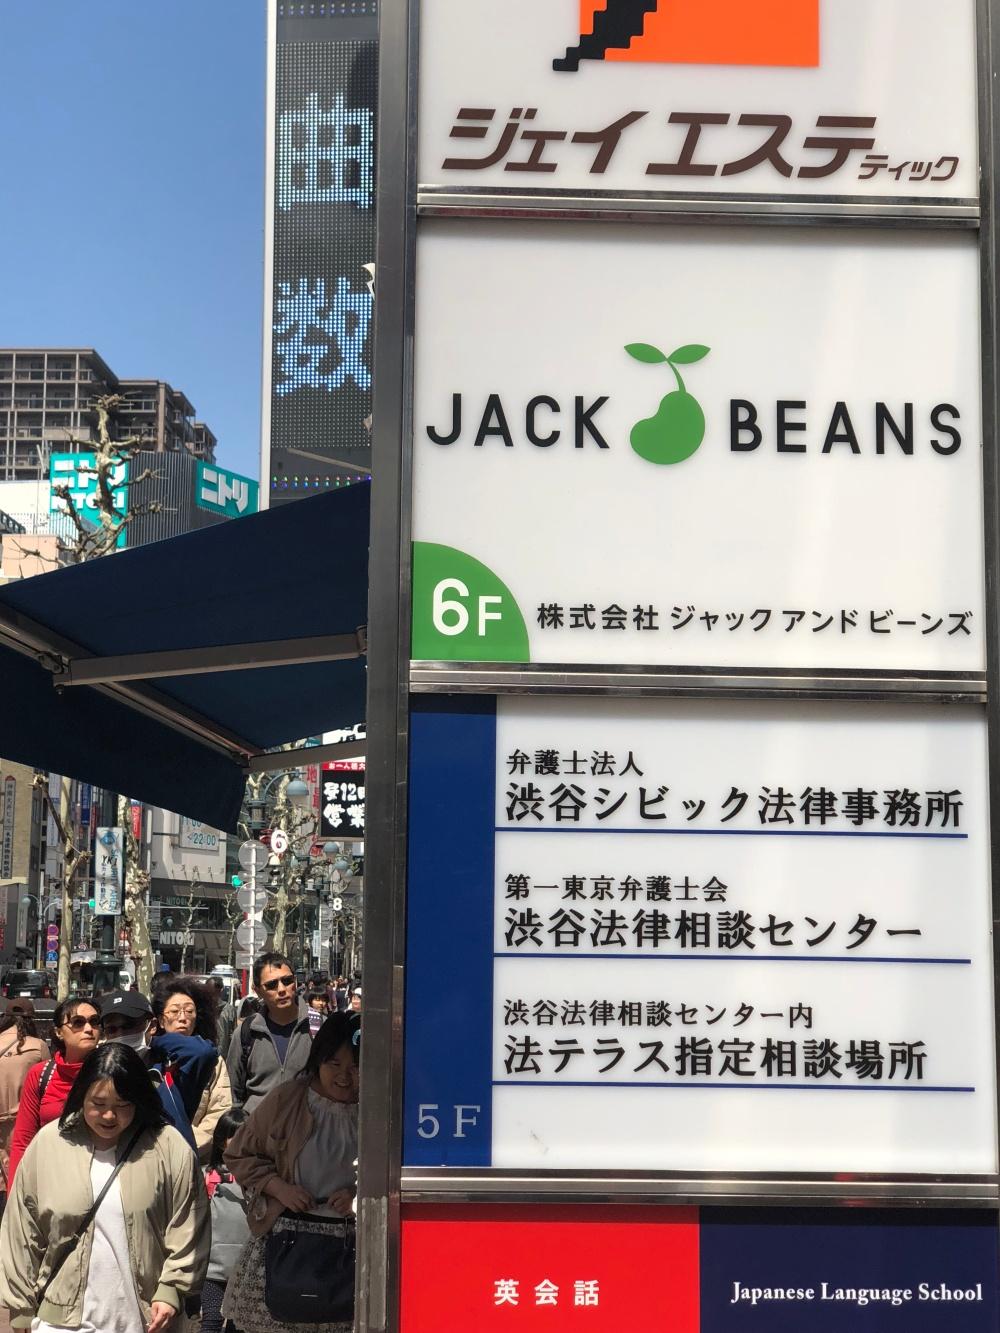 Jack Beans